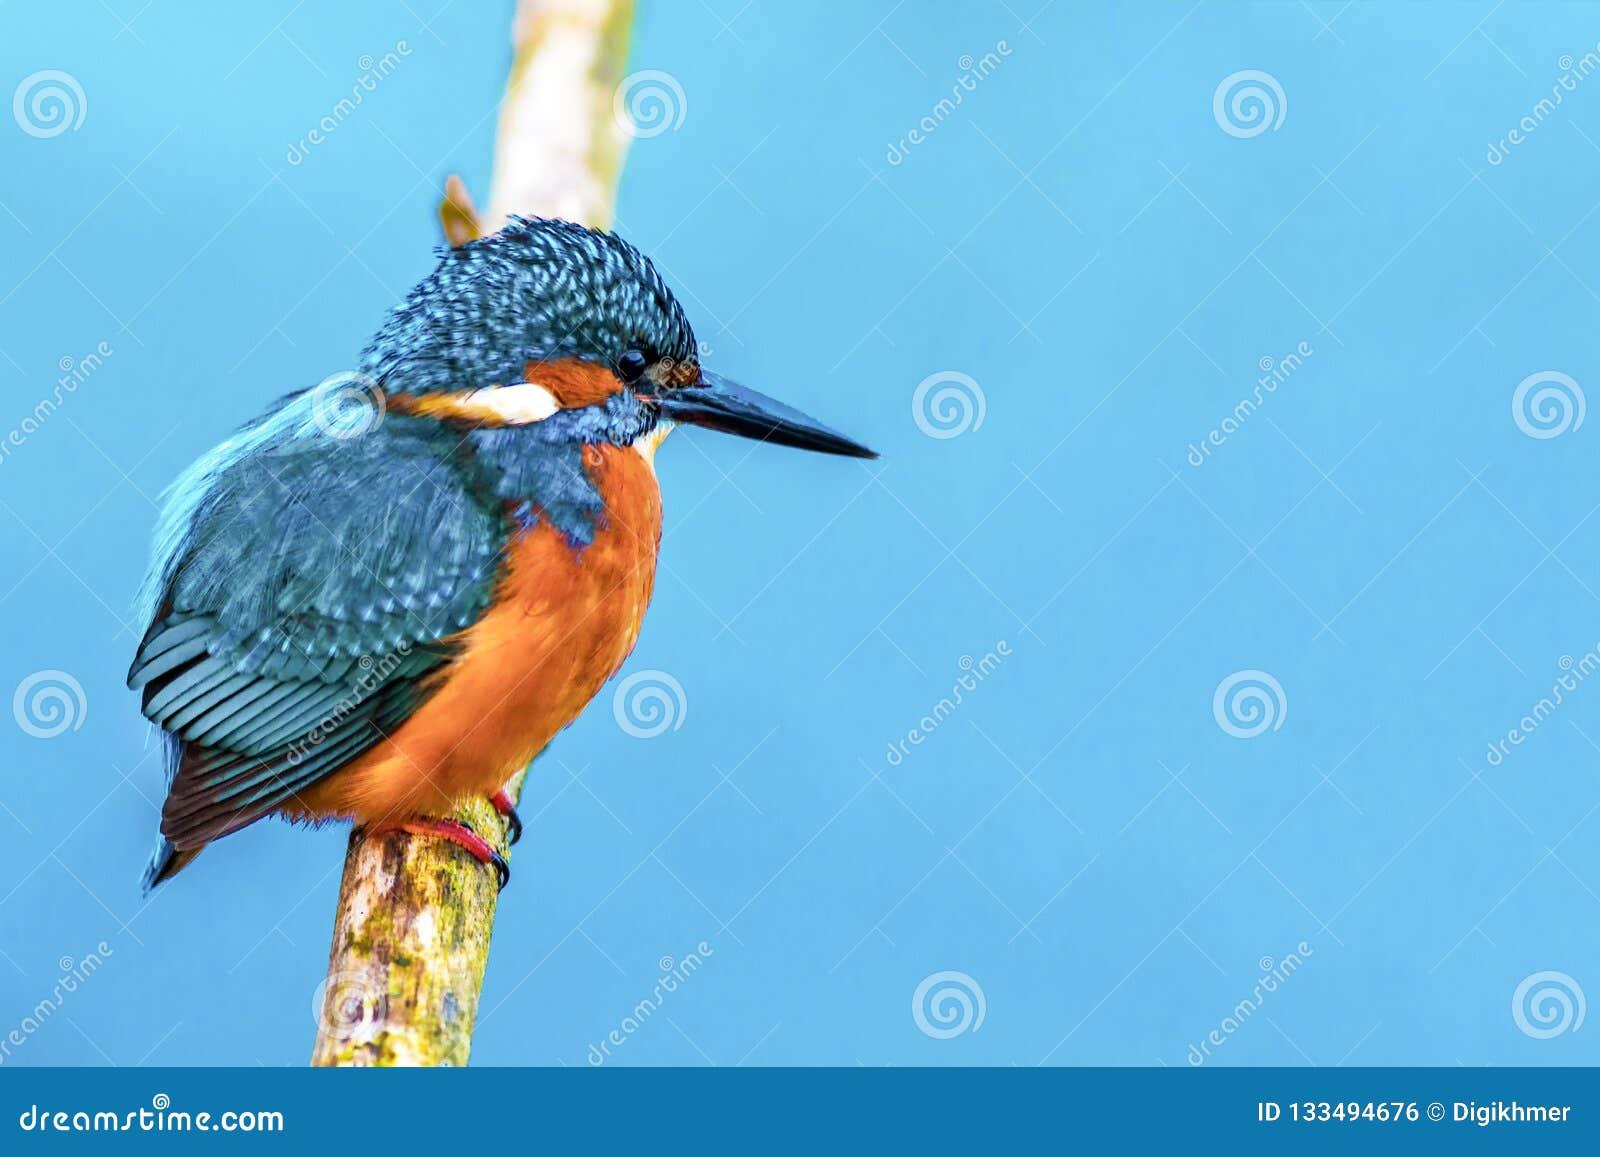 Pássaro do fisher do rei em um ramo